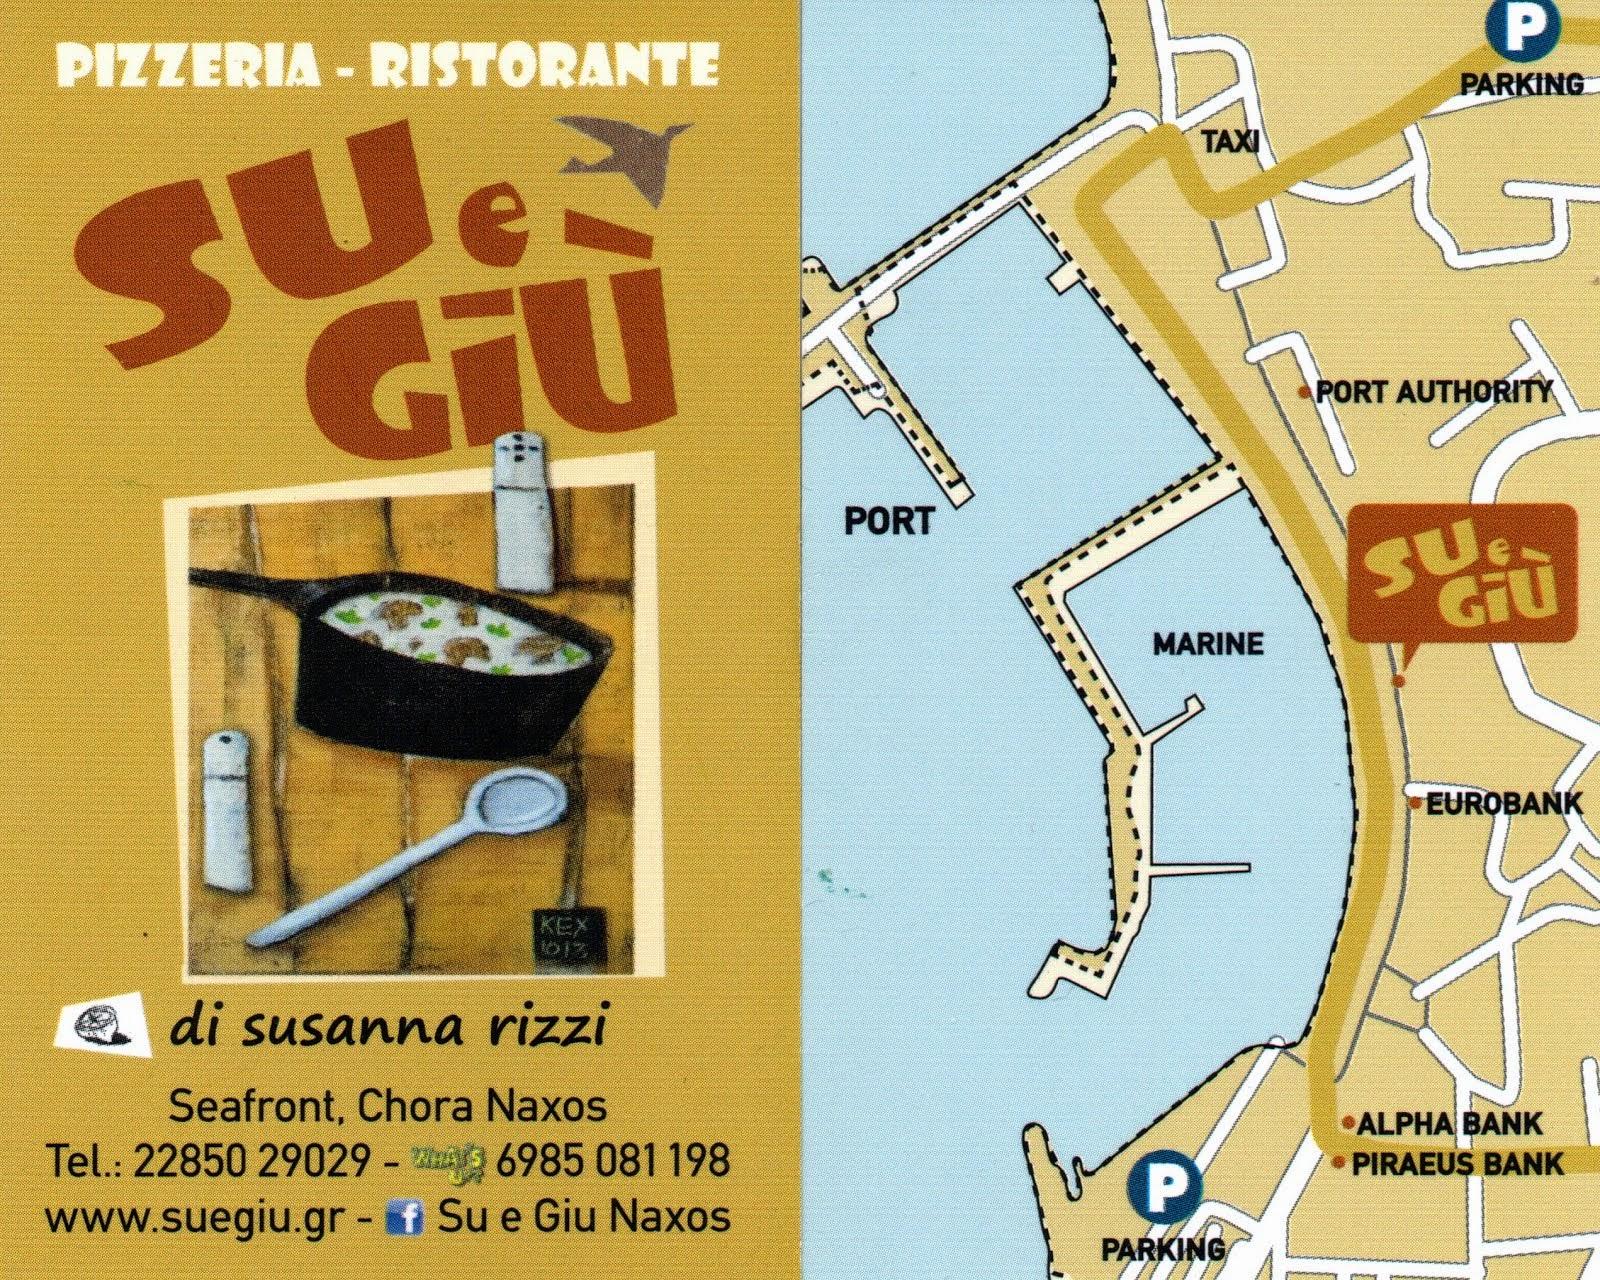 Αποτέλεσμα εικόνας για  εστιατόριο Su e Giu χώρα Νάξου